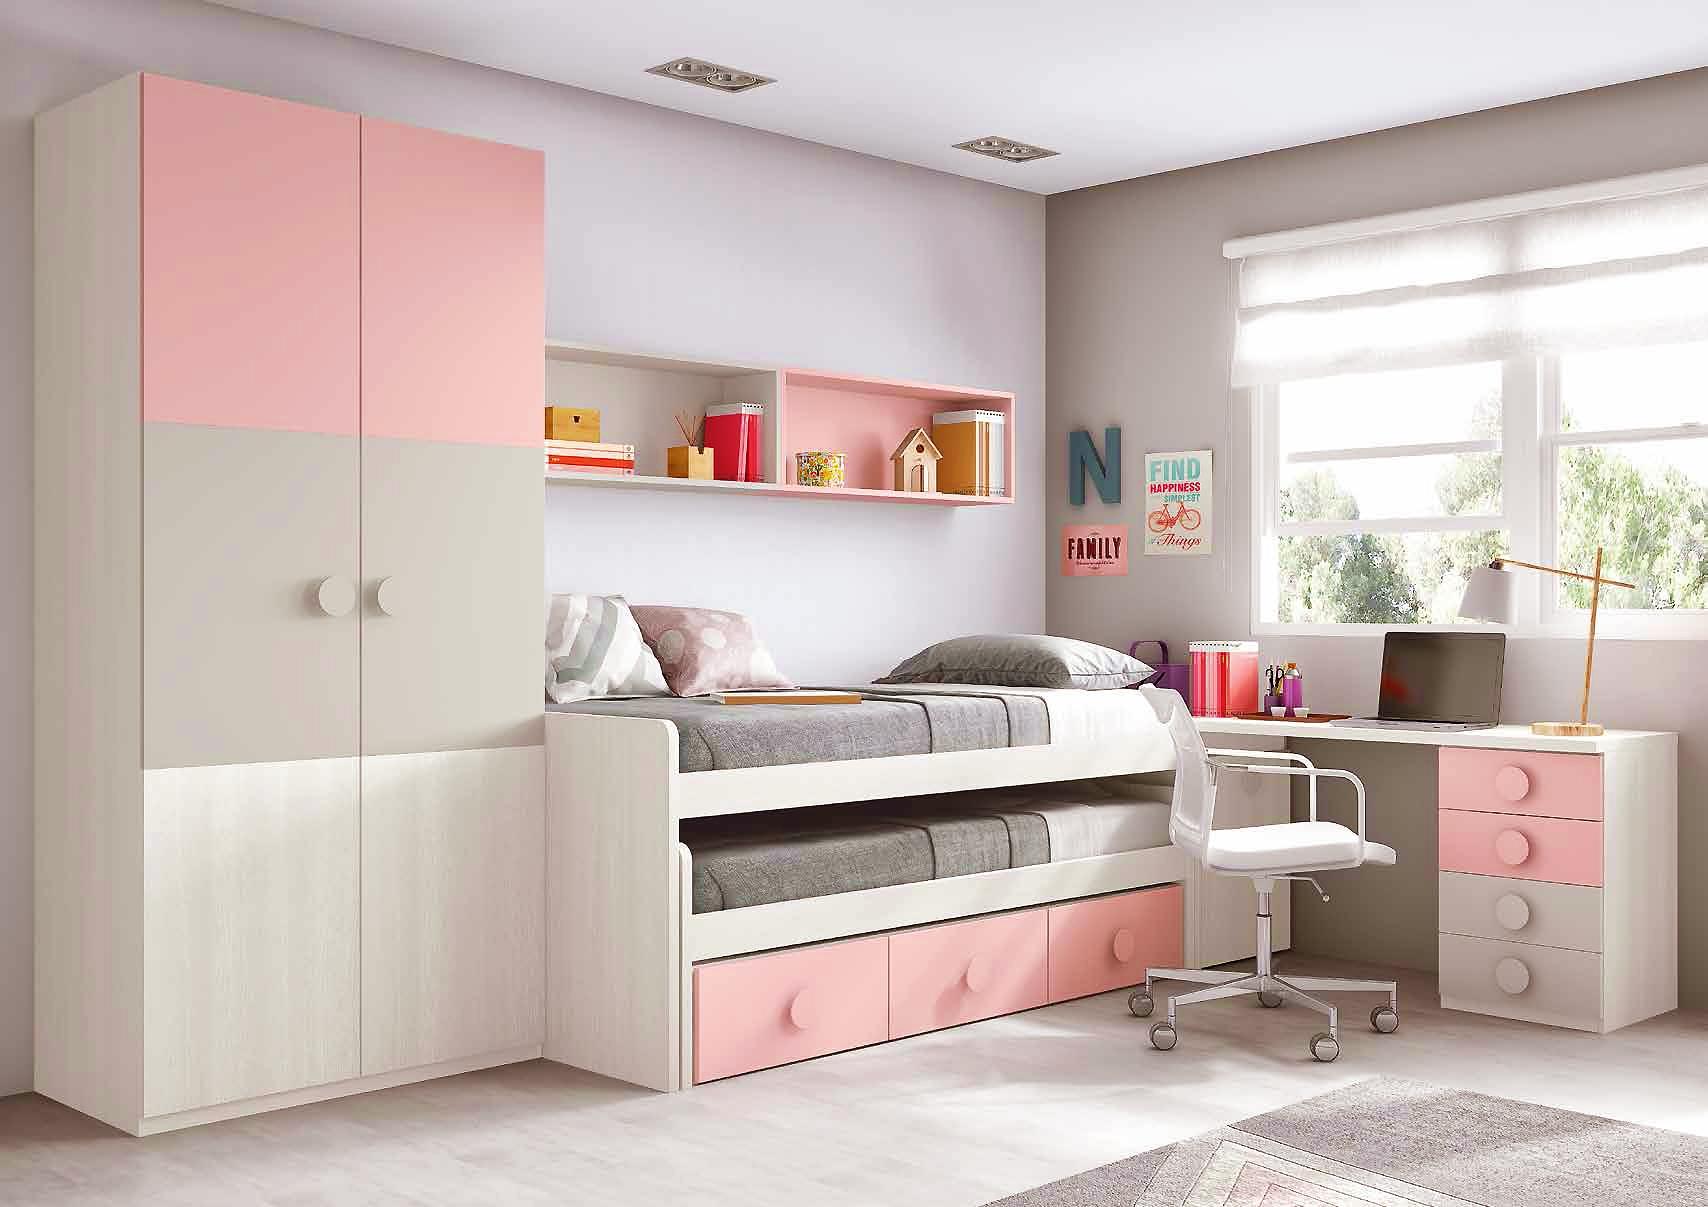 Chambre ado fille astucieuse avec son lit gigogne  GLICERIO  SO NUIT